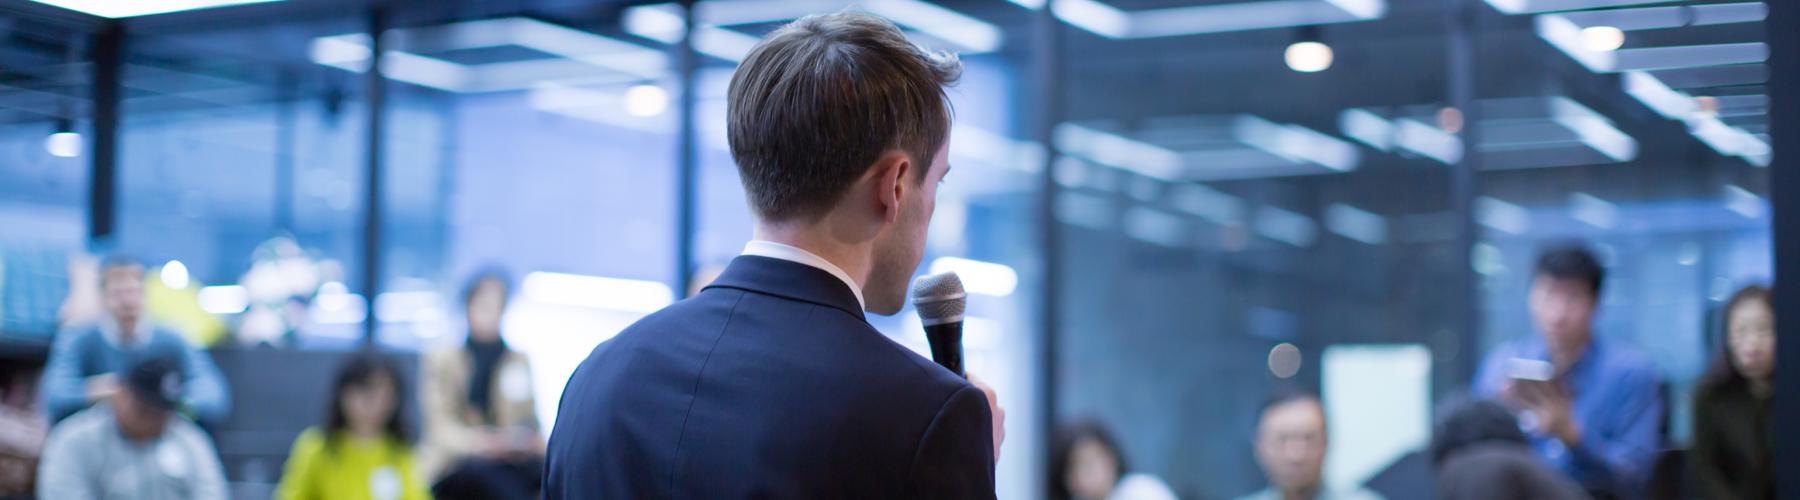 10 consigli per il tuo discorso di vendita durante una fiera